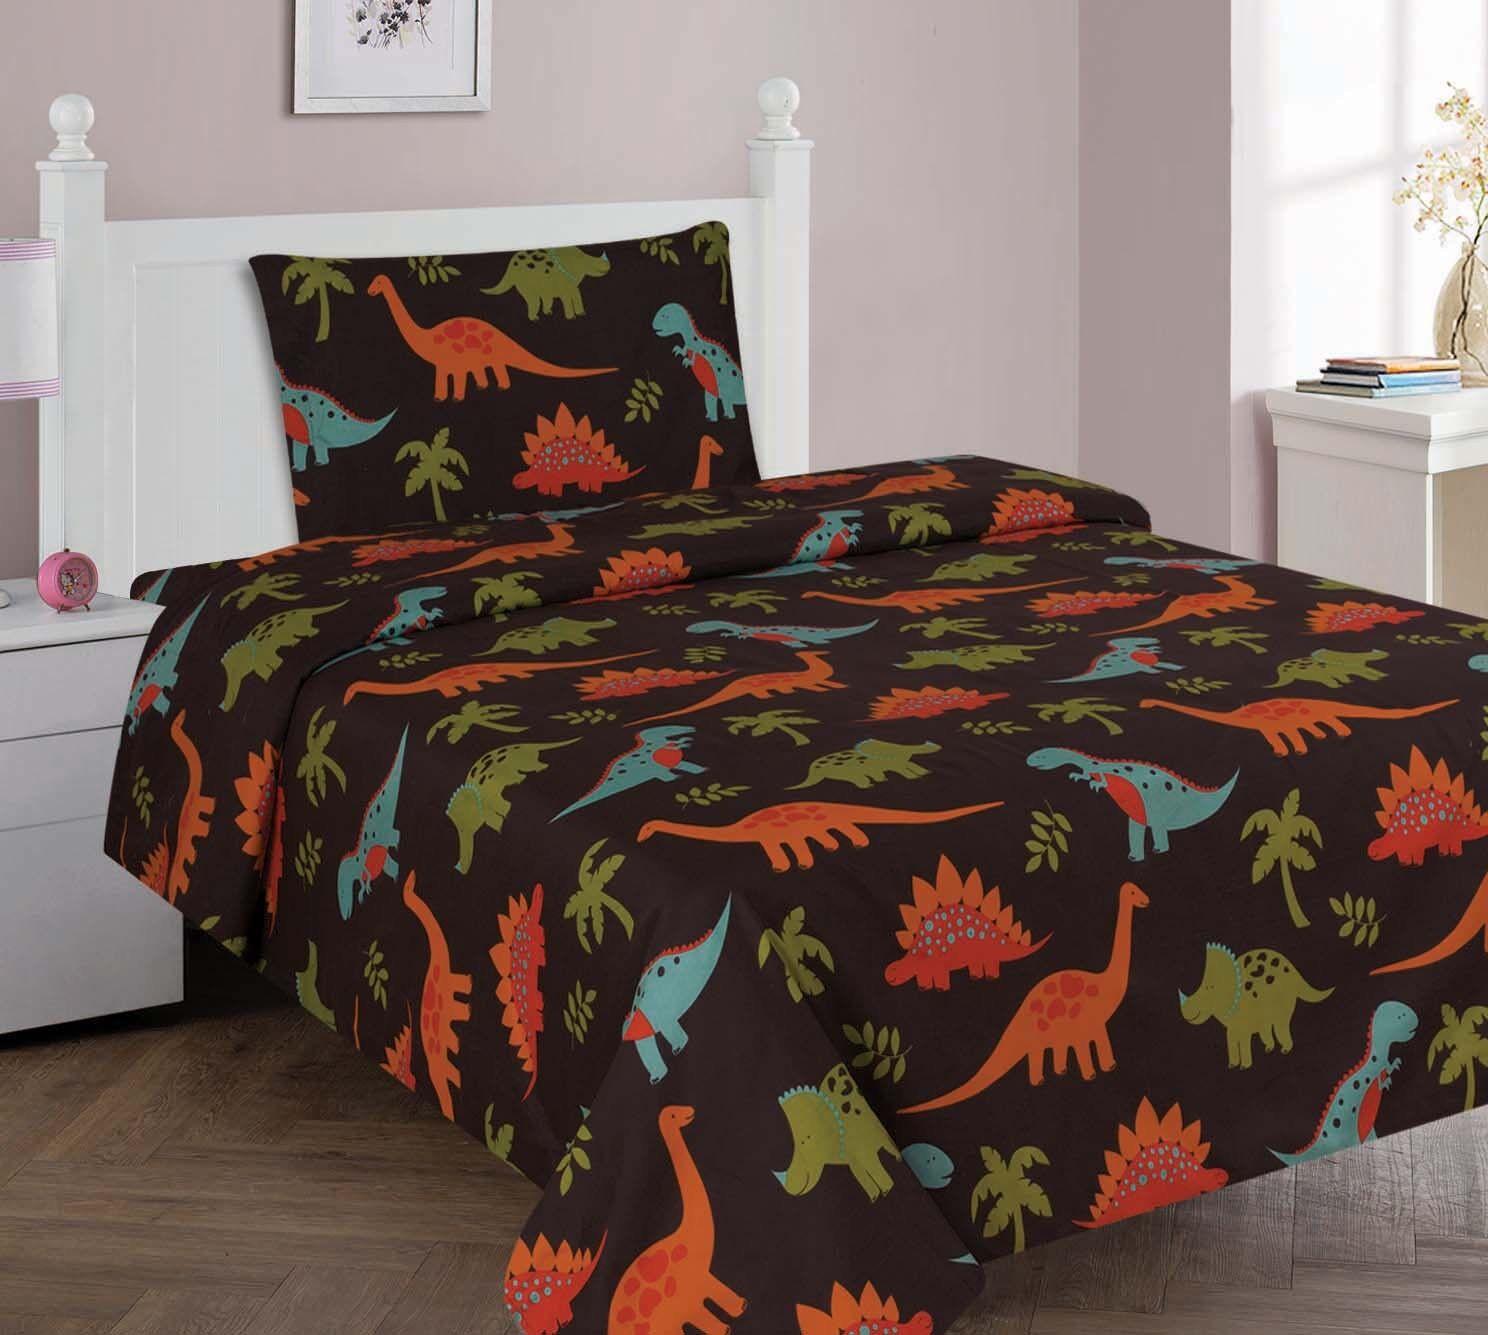 Dinosaur Brown Orange Lime Printed Sheet Set With Pillowcase